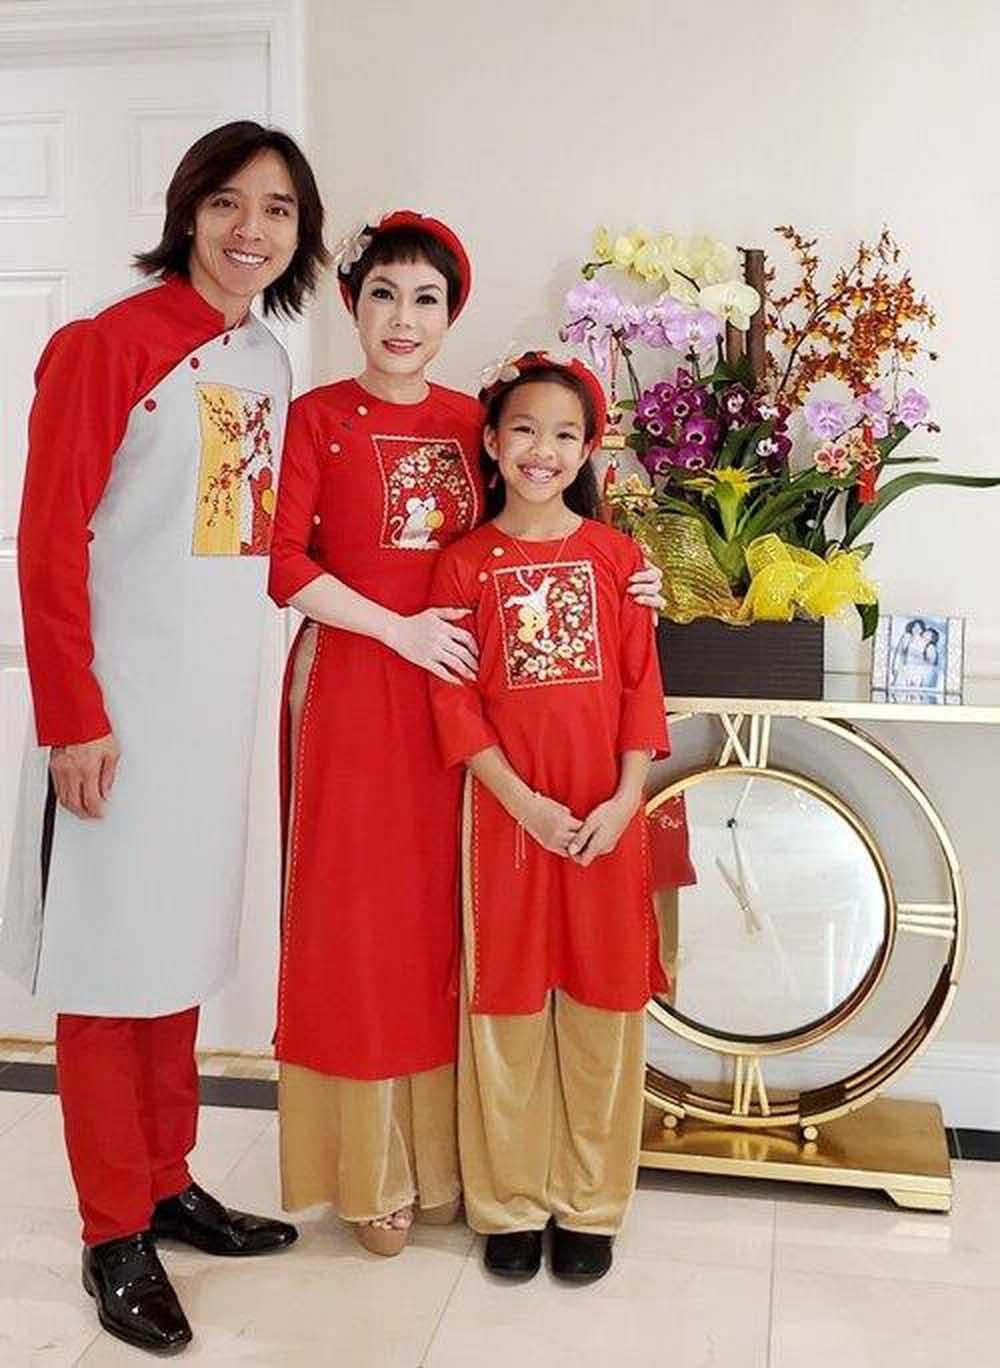 khoe ban dat loi tan 2 ty, khoi tai san that su cua viet huong lon the nao? - 3